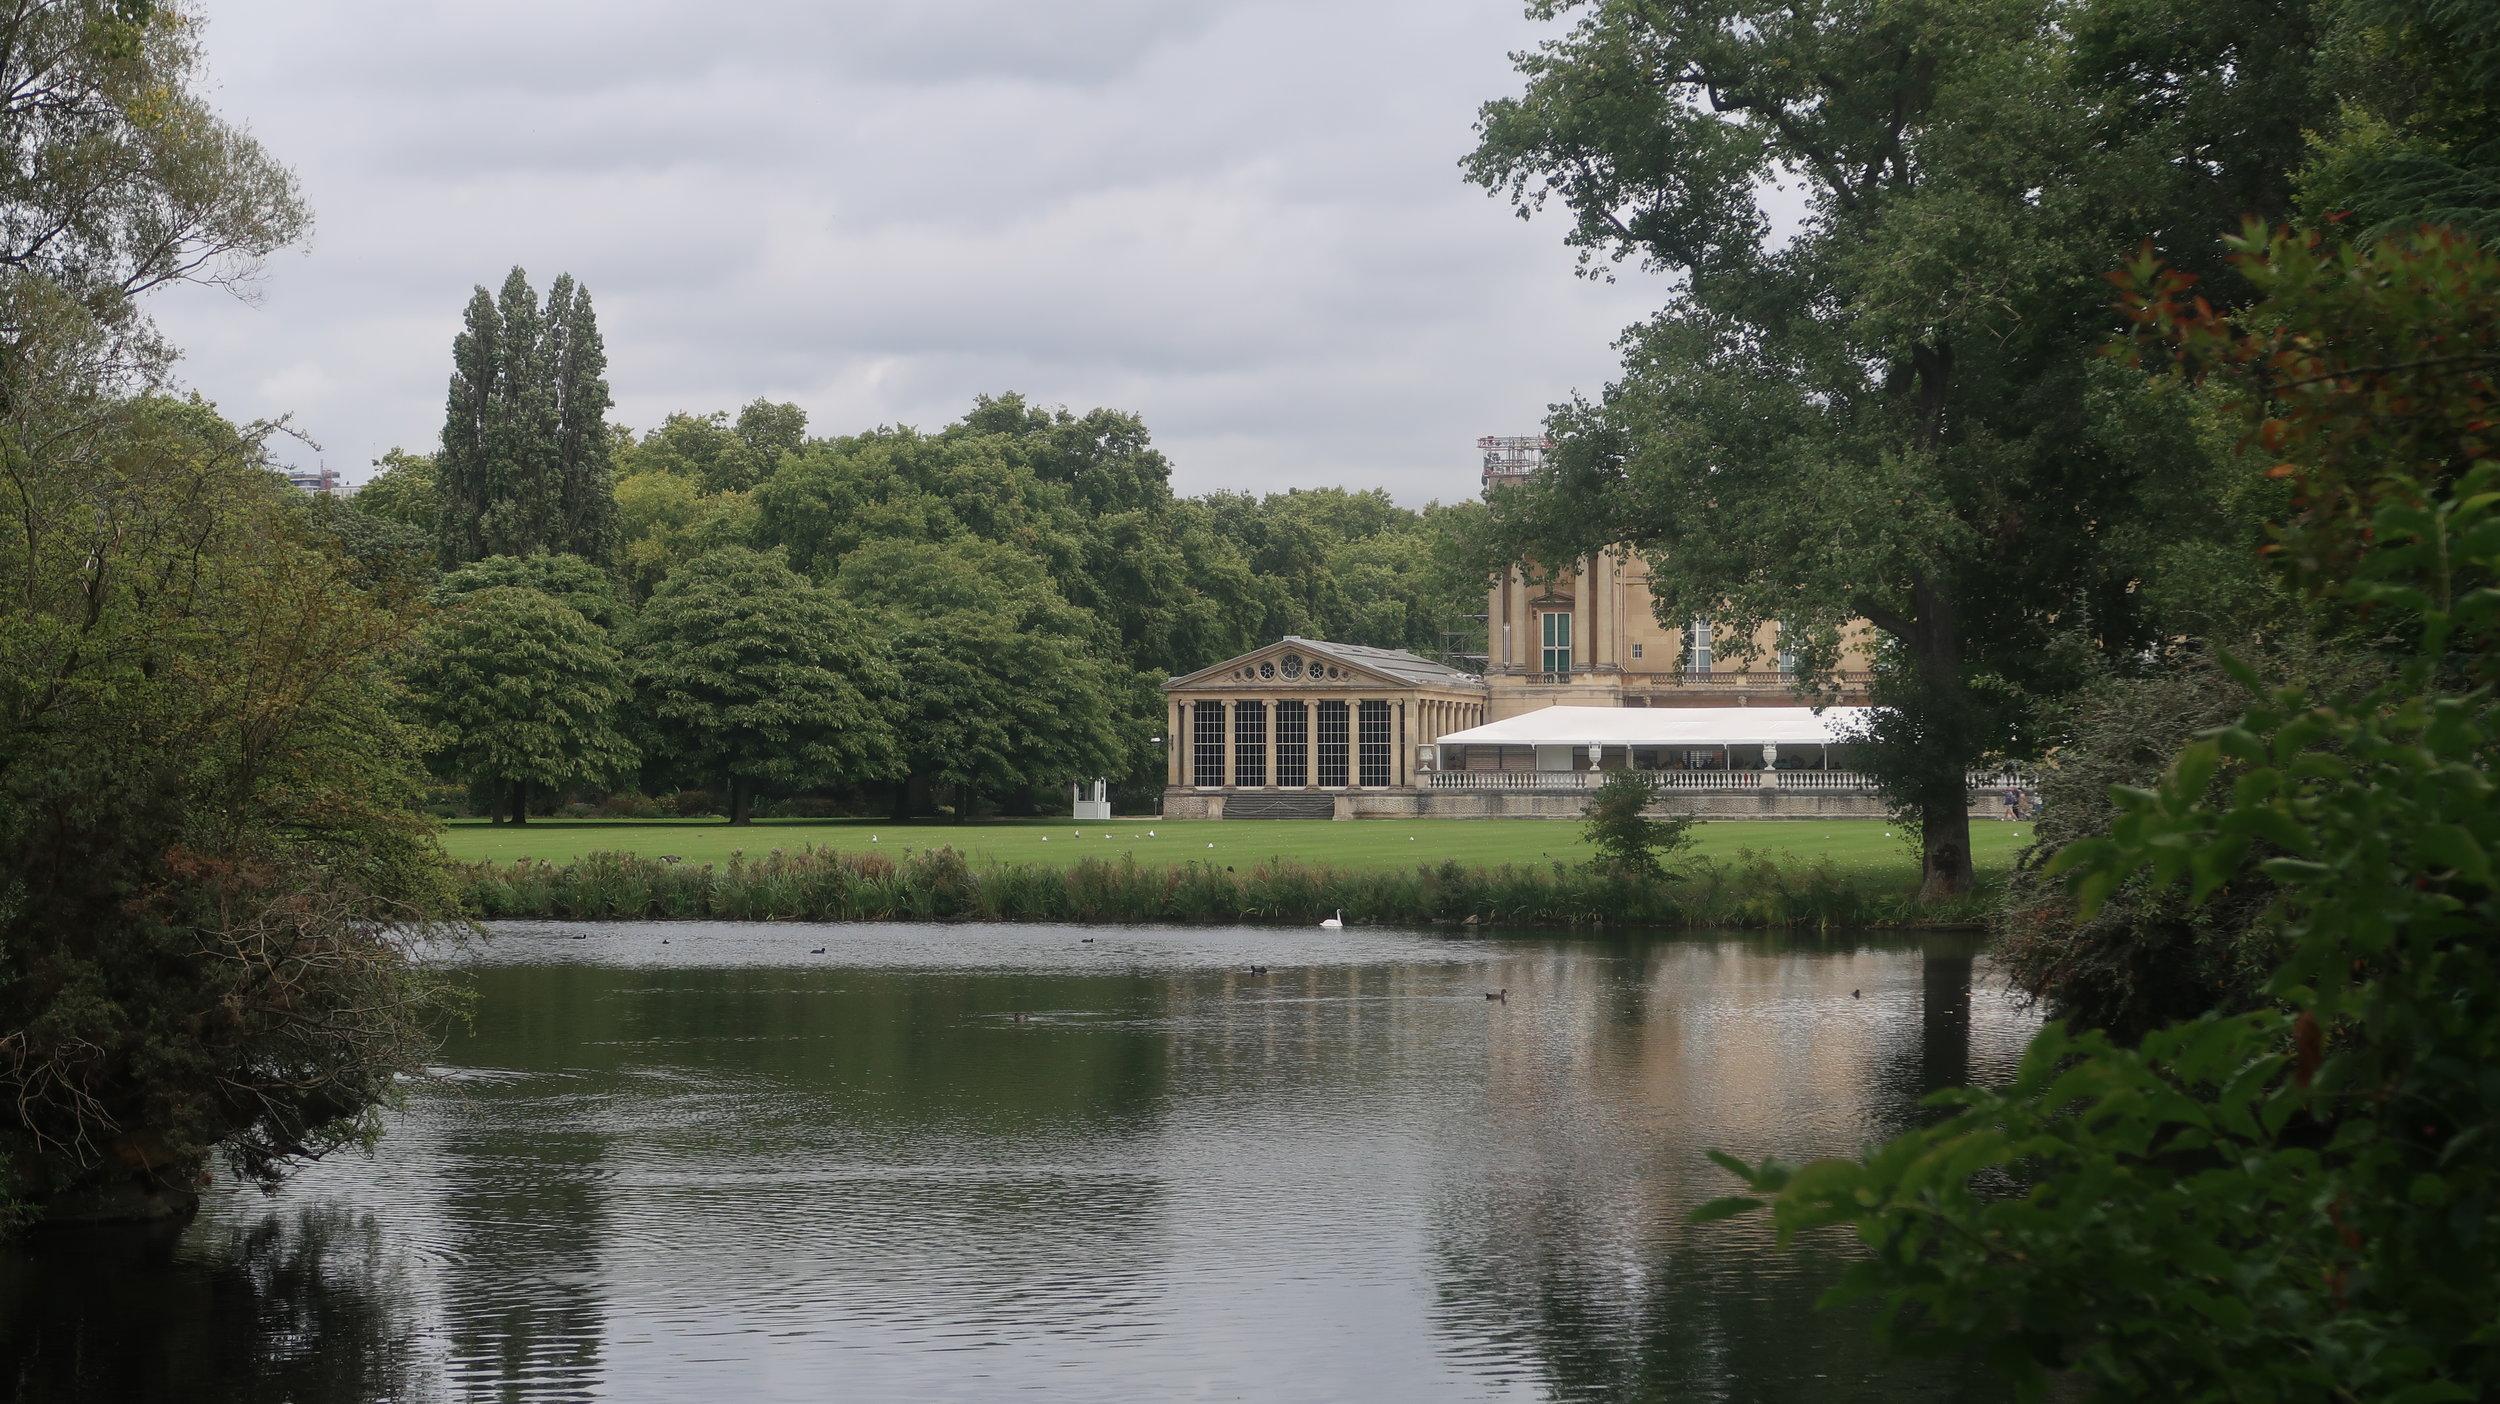 The old Buckingham Palace.